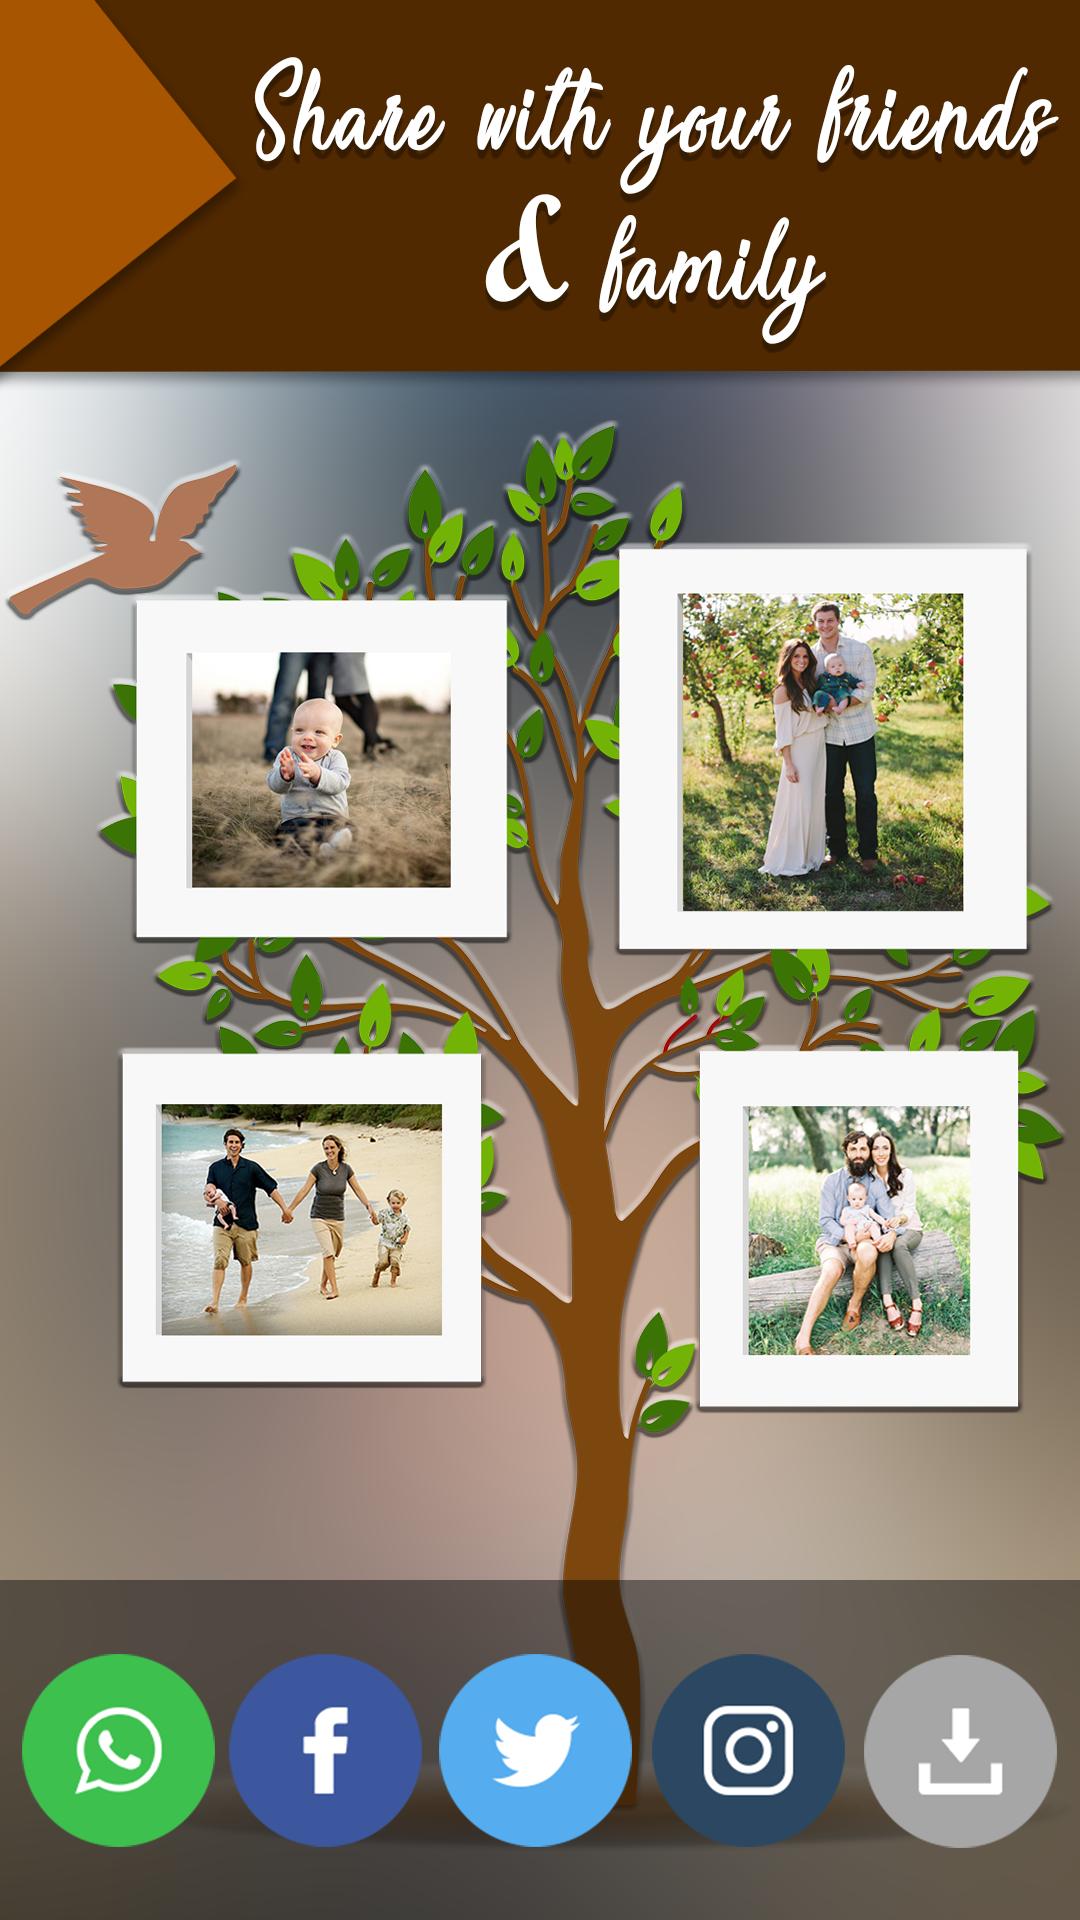 Marcos de fotos de árboles genealógicos: Amazon.es: Appstore para ...